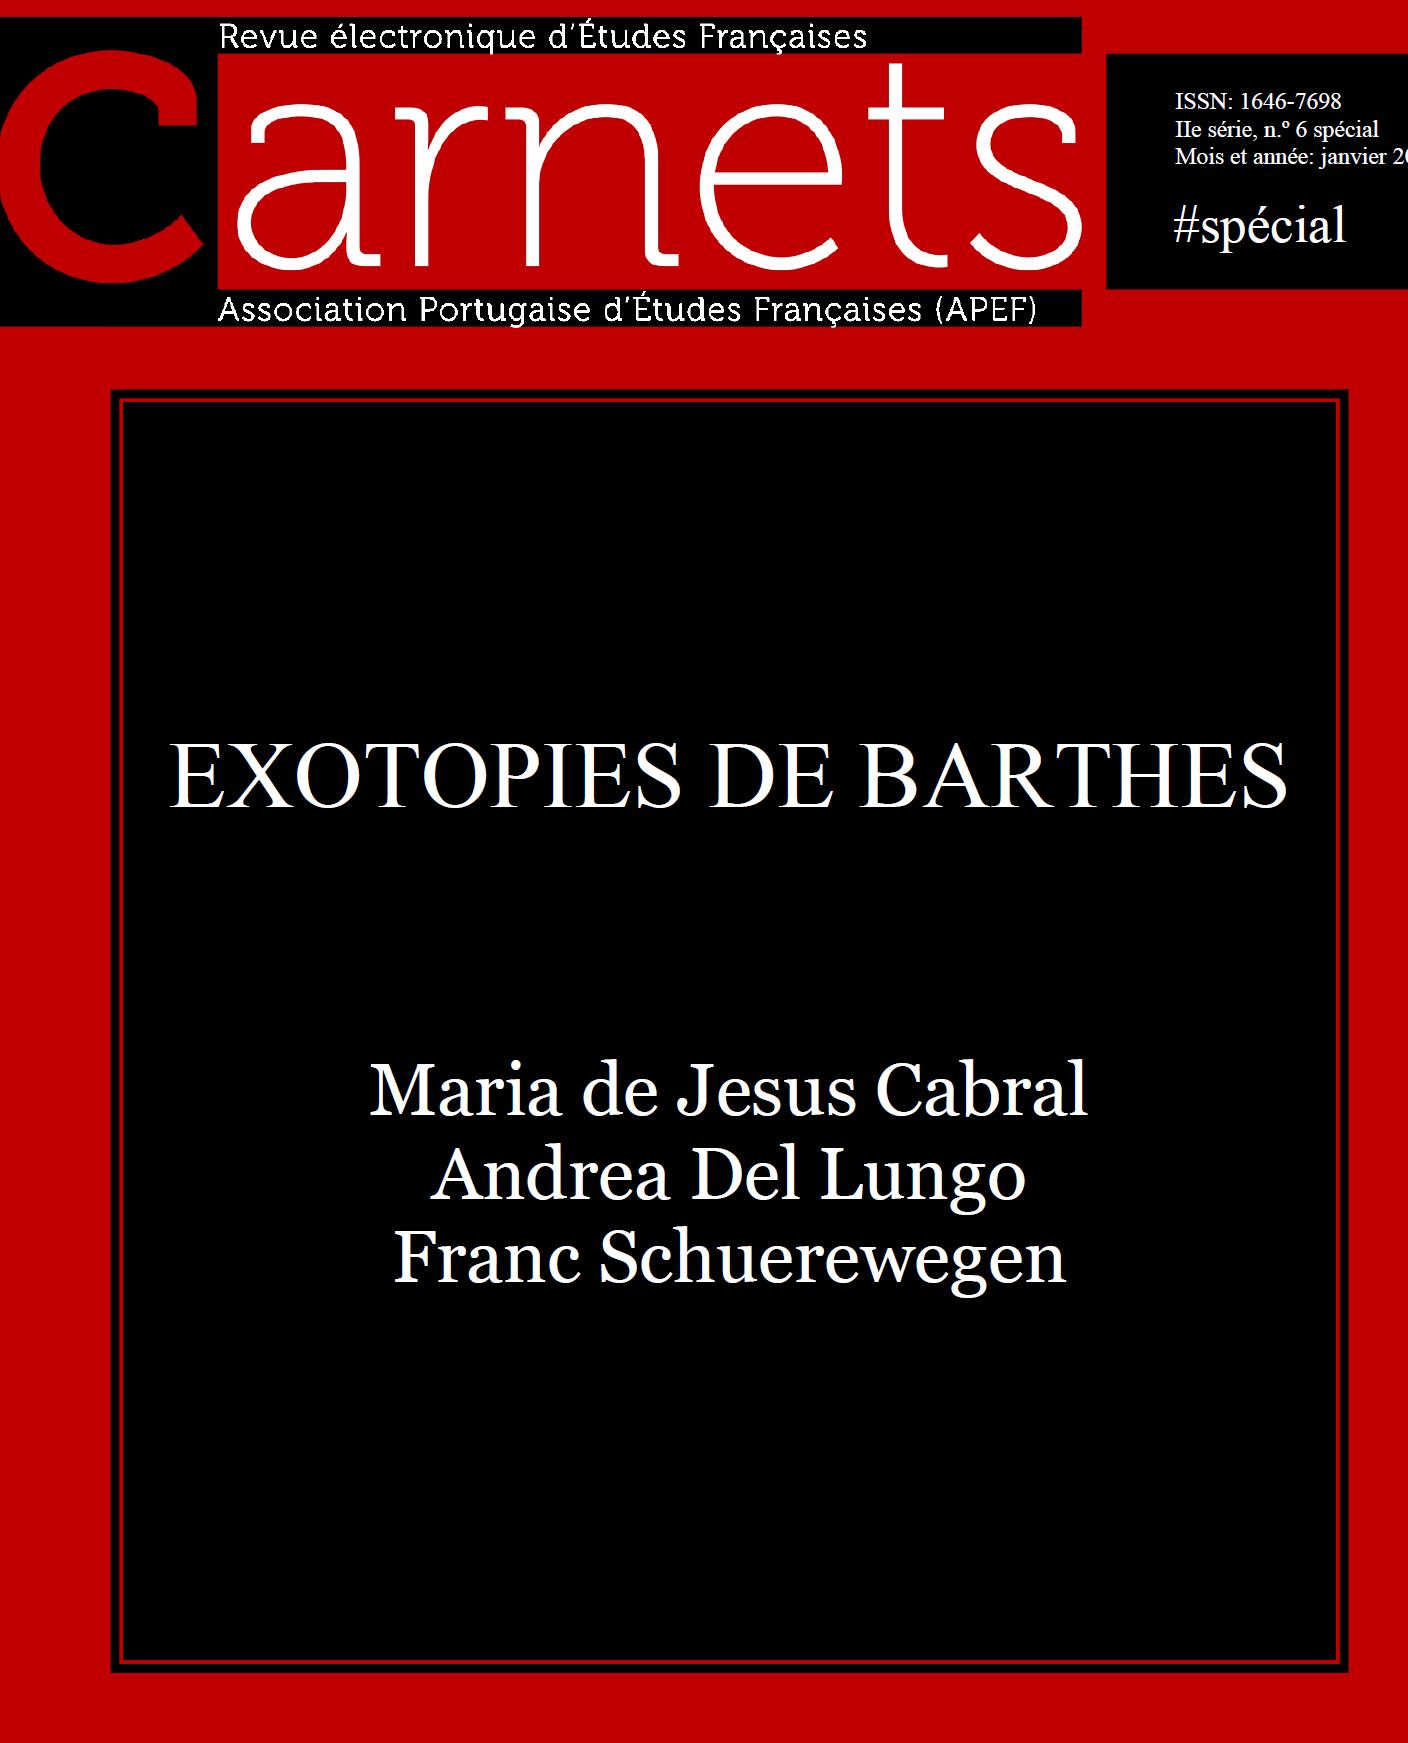 Exotopies de Barthes, Carnets, nº spécial janv. 2016